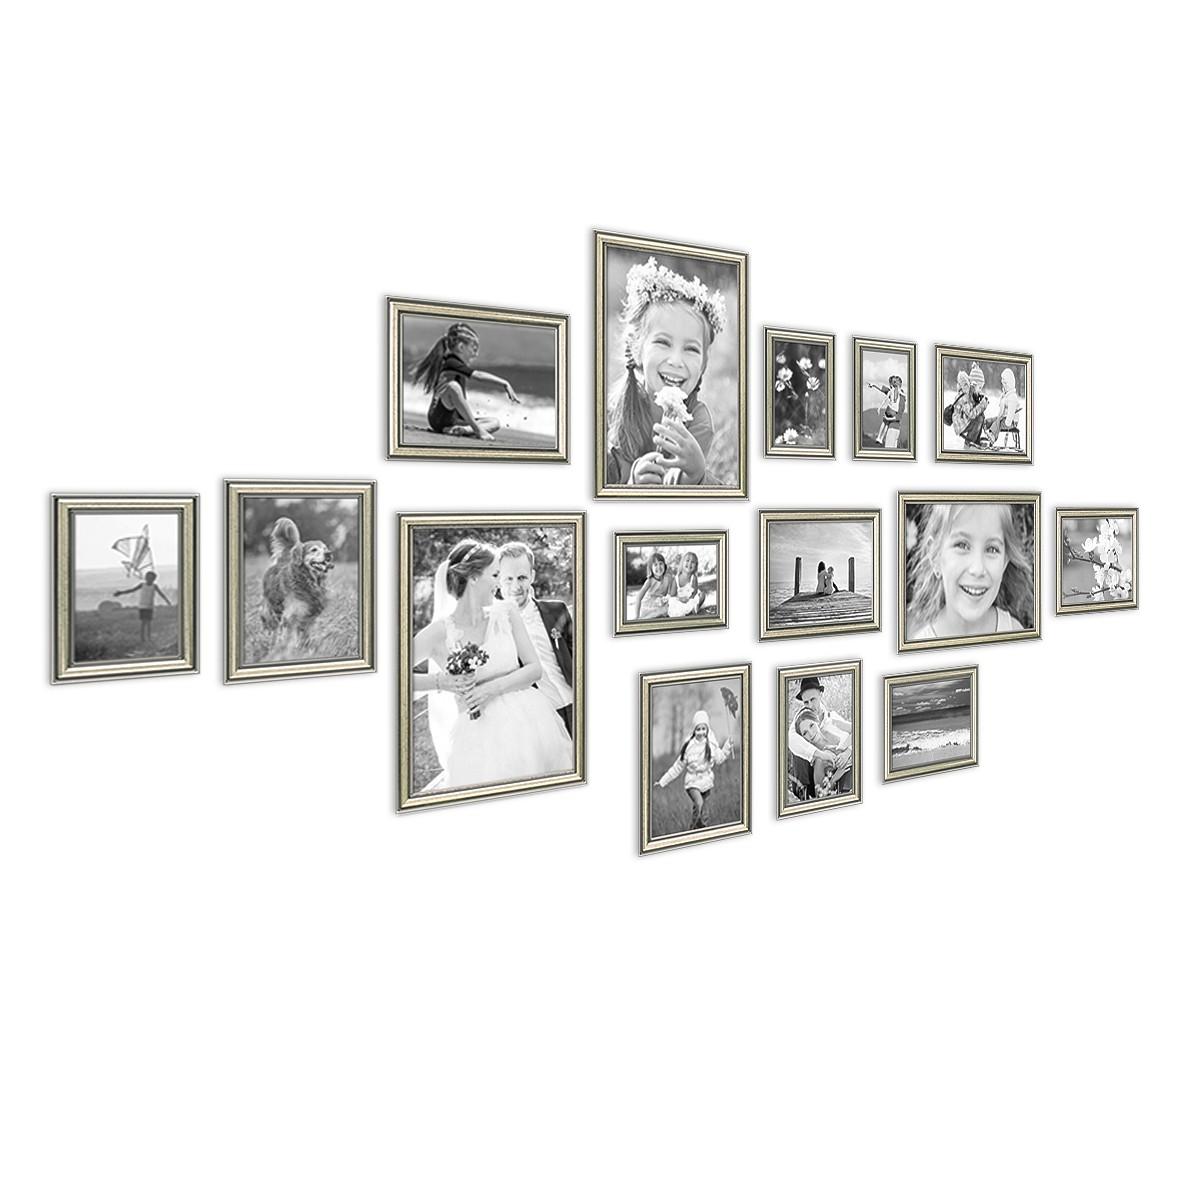 Bilderrahmen Antik Style aus Kunststoff in Antik Braun 20x30 bis 50x70